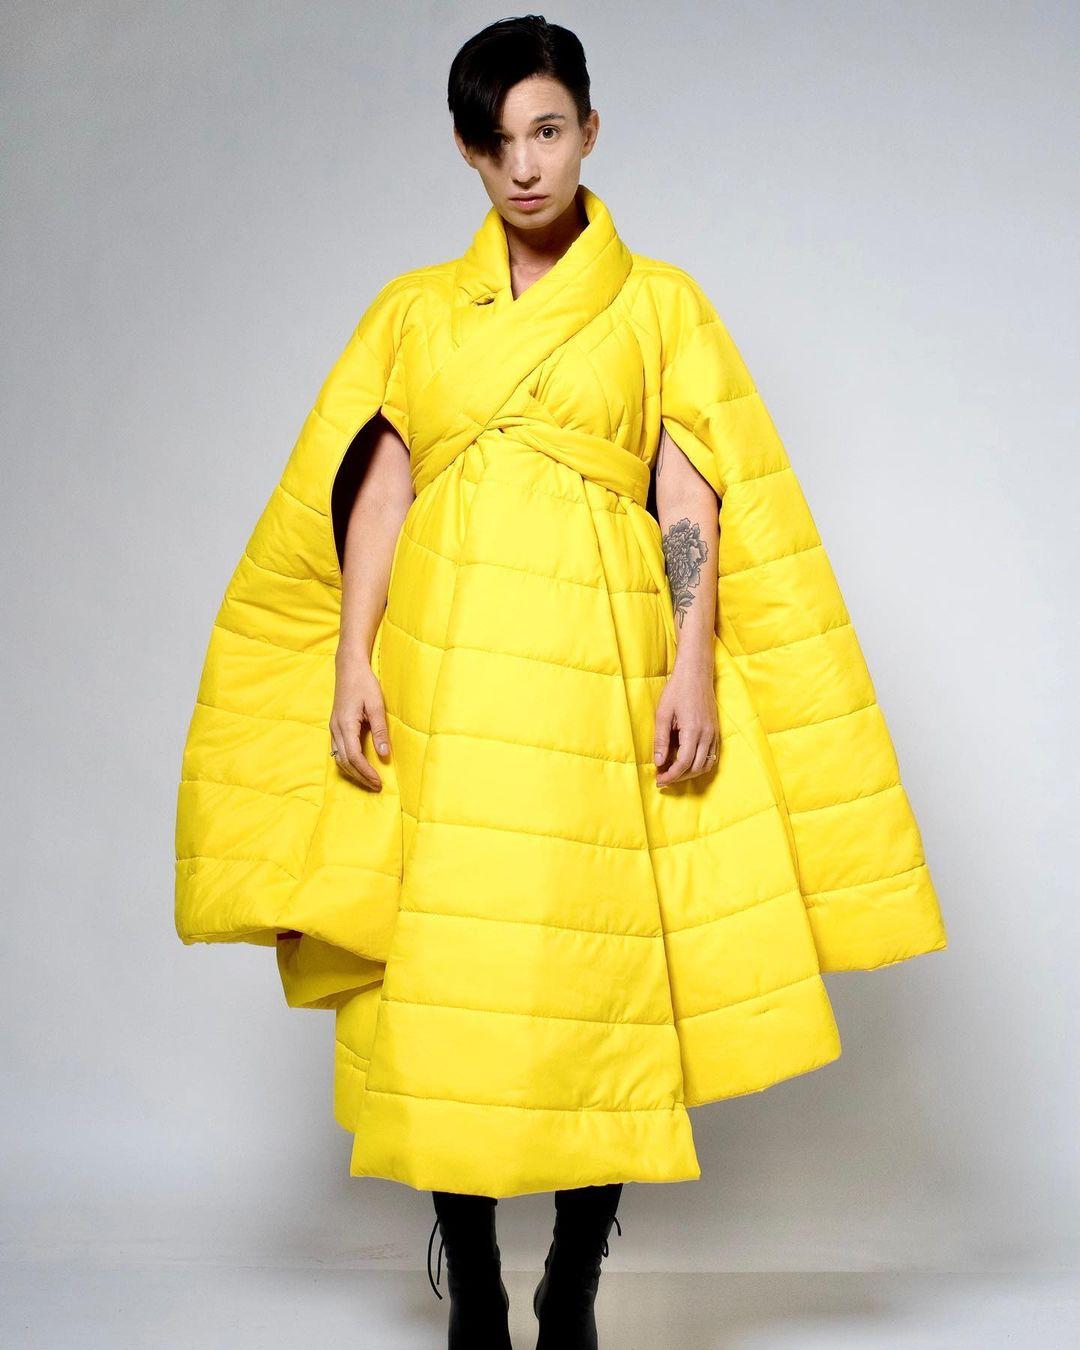 Катя Тейлор запустила собственный бренд одежды